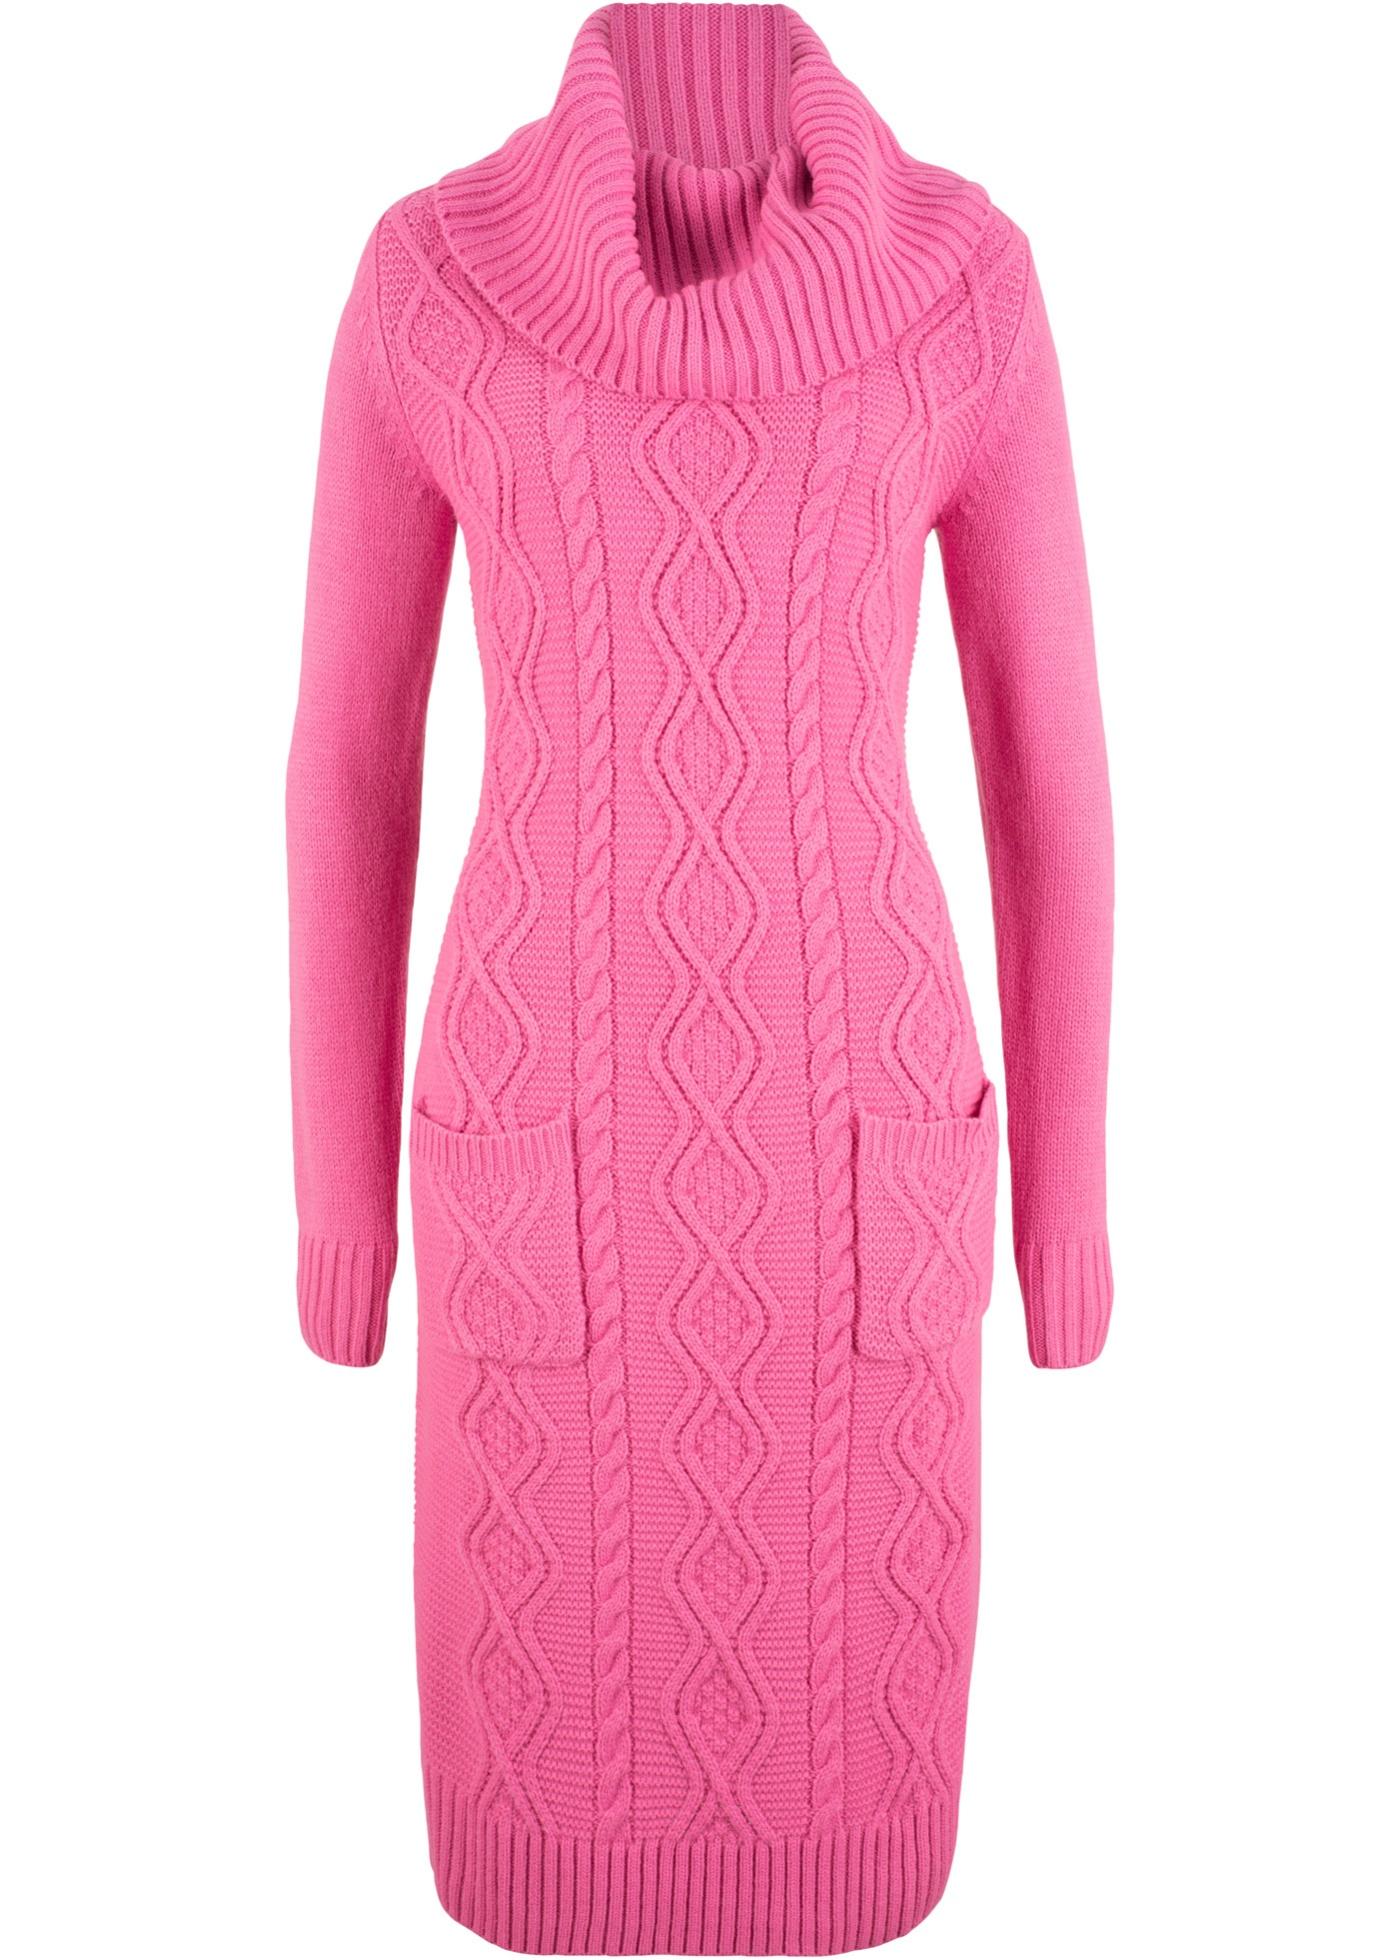 Bonprix SE - Stickad klänning 199.00